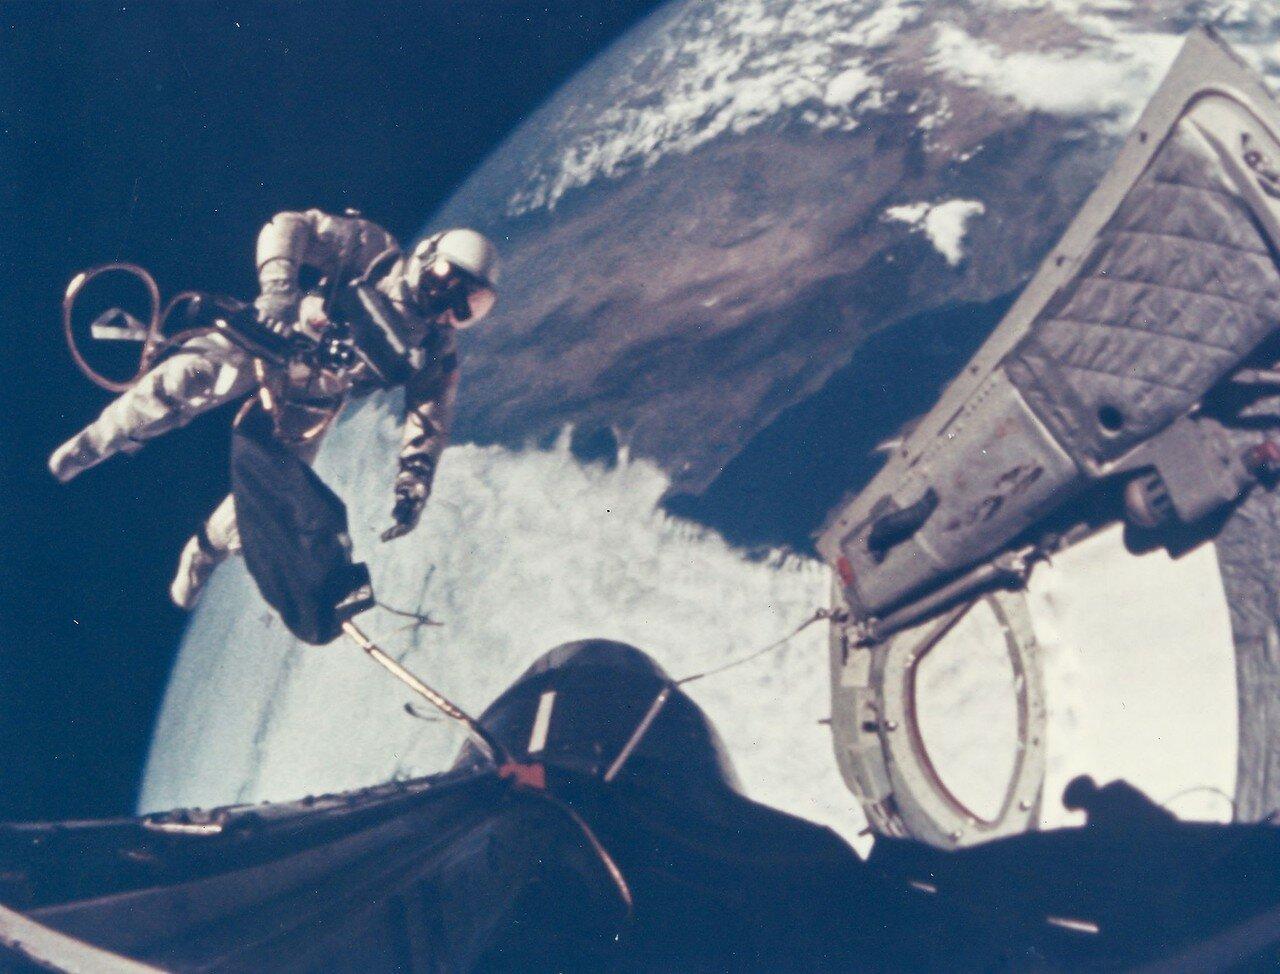 32. 1965, 3 июня. Первый выход американского астронавта в открытый космос. Ред Уайт уплывает от космического корабля «Джемини»-4